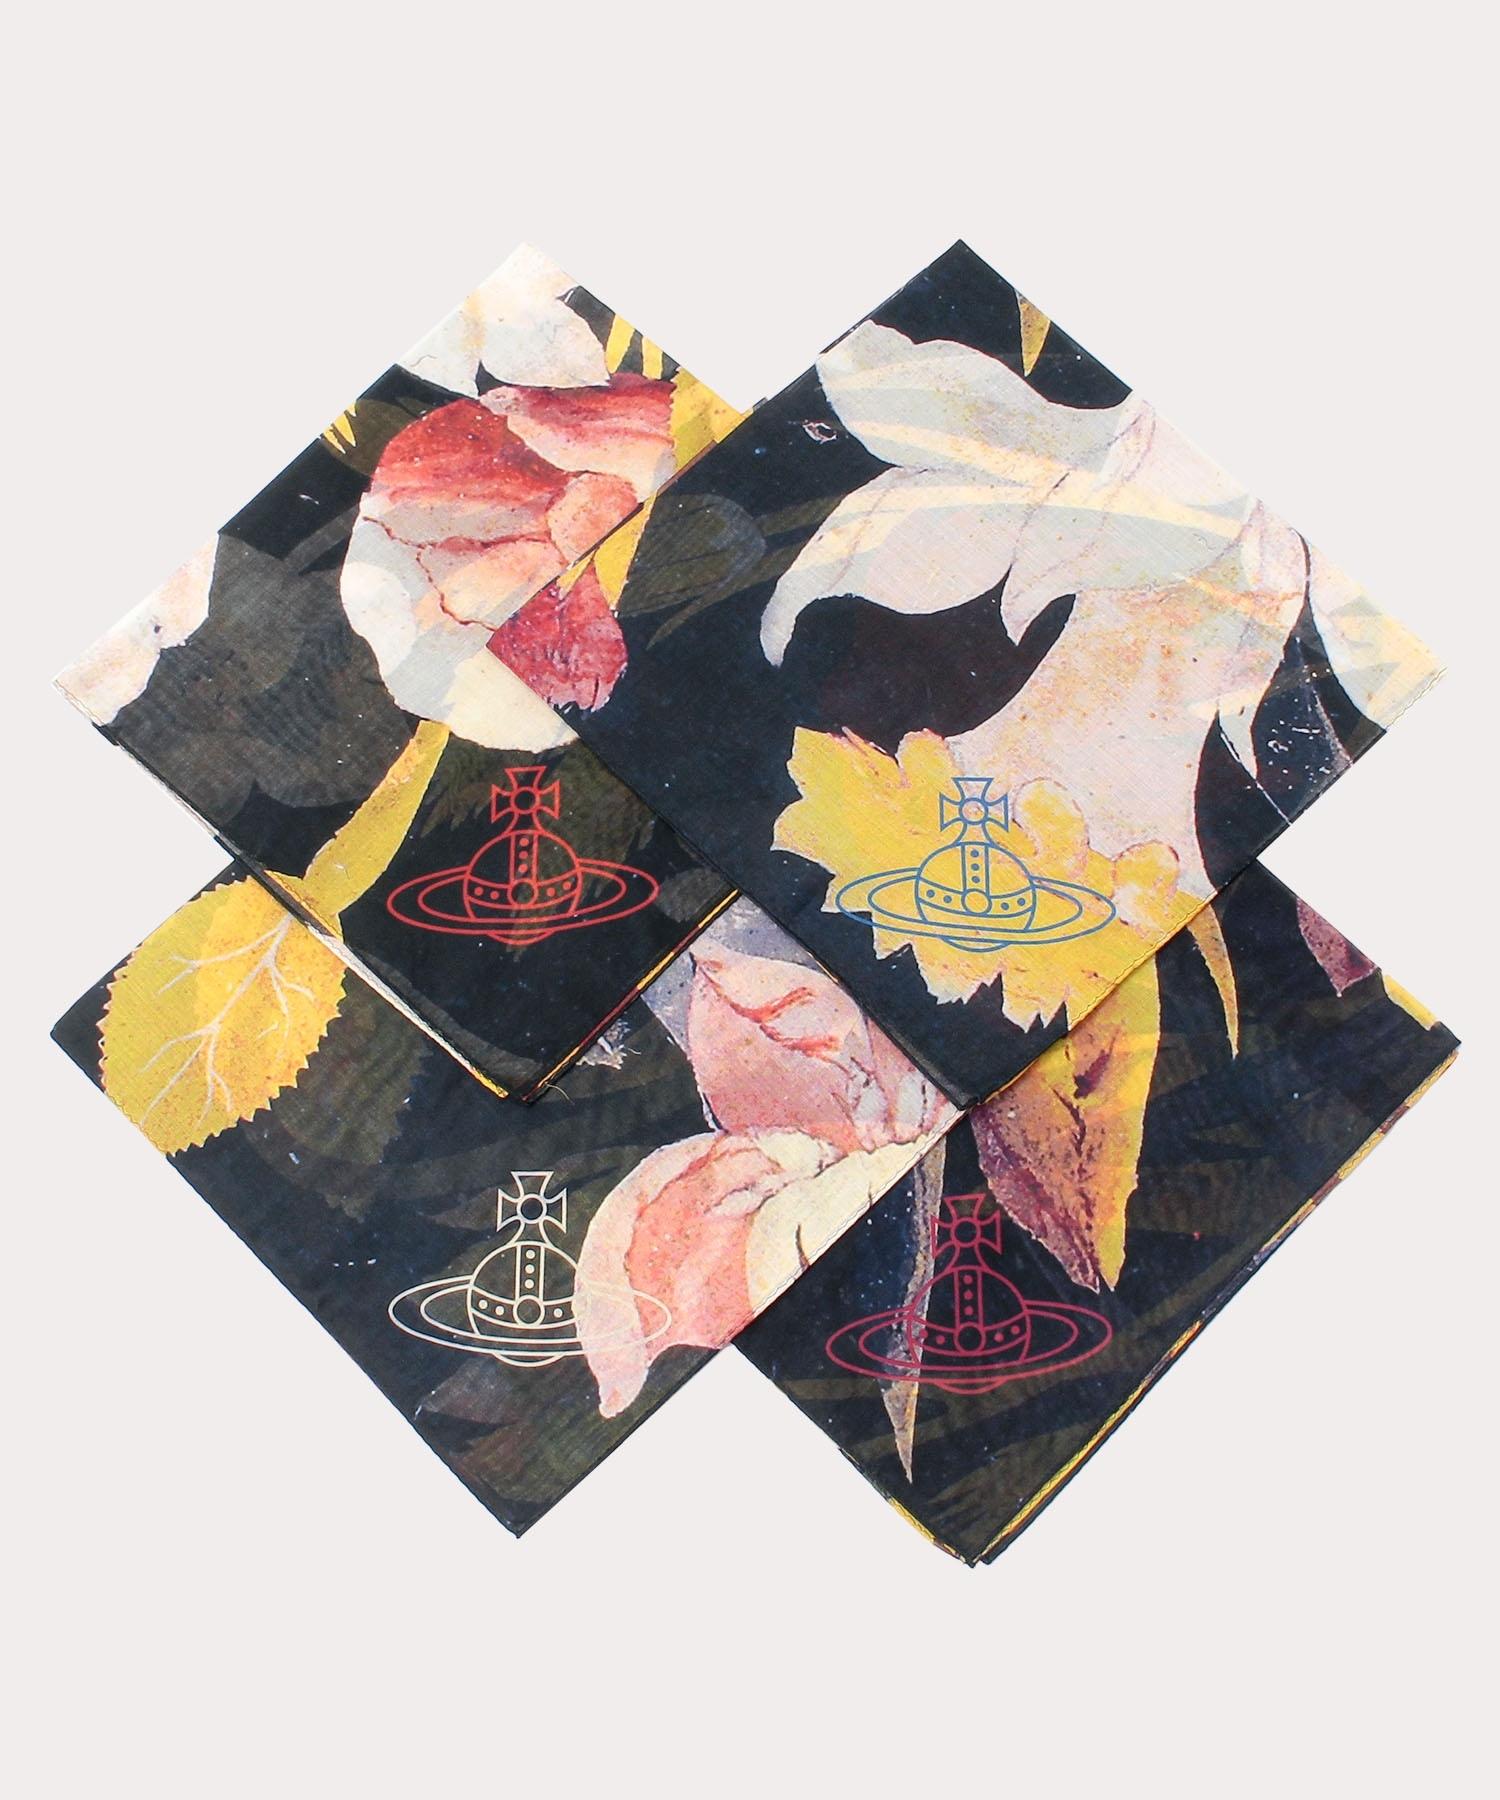 【新商品】オンラインショップ限定 【4枚セット】カーピフラワー ラージハンカチーフ